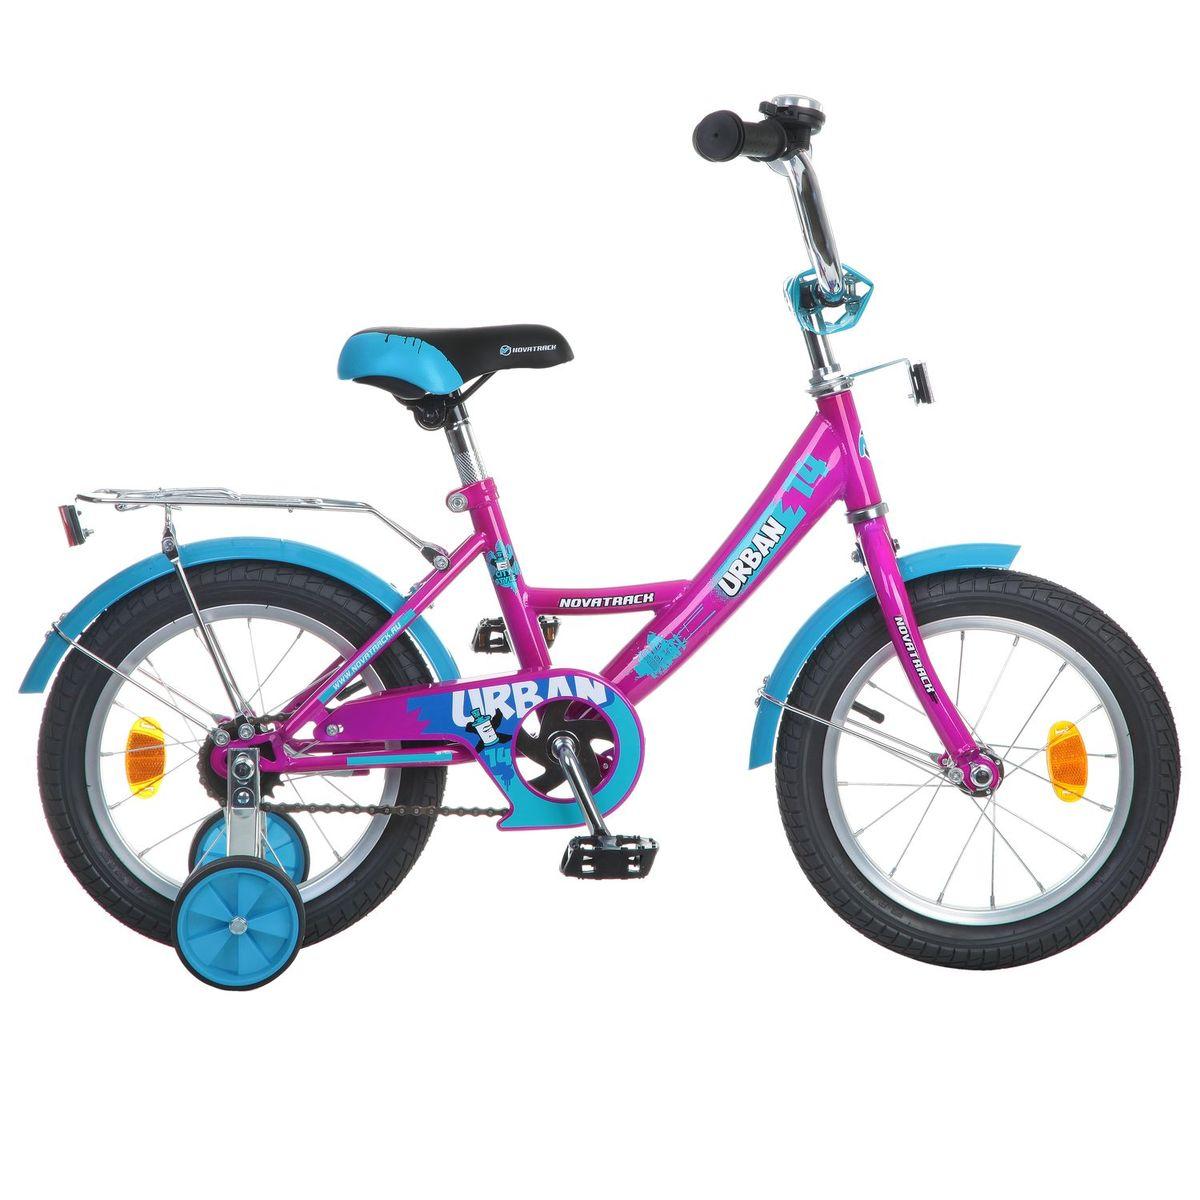 Велосипед детский Novatrack Urban, цвет: фуксия, голубой, 14143URBAN.CH6Novatrack Urban c 14-дюймовыми колесами - это надежный велосипед для ребят 3-5 лет. Высокое качество сборки гарантирует, что велосипед прослужит долго, даже если ваш ребенок будет гонять на нем ежедневно по несколько часов подряд. Велосипед оснащен защитой цепи, которая не позволит ногам и одежде попасть в механизм. Еще одно средство, способствующее безопасному вождению велосипеда в любых дорожных условиях - ограничитель поворота руля. который не позволит маленькому велосипедисту слишком сильно повернуть руль и таким образом создать себе все условия для неминуемого падения. Да и учиться ездить с таким приспособлением гораздо удобнее, ведь руль не крутится вокруг своей оси, а значит, и двигаться велосипед будет аккуратно и всегда именно туда, куда нужно. Он оборудован багажником - обязательным атрибутом любого детского велосипеда, ведь как же еще перевозить свои игрушки и другие нужные мелочи во время прогулок Для безопасности установлено целых 4 светоотражателя: задний, передний и по одному на каждом из основных колес. Колеса закрыты крыльями, которые защитят маленького наездника от грязи и брызг. А ножной тормоз позволит быстро остановиться в случае необходимости.